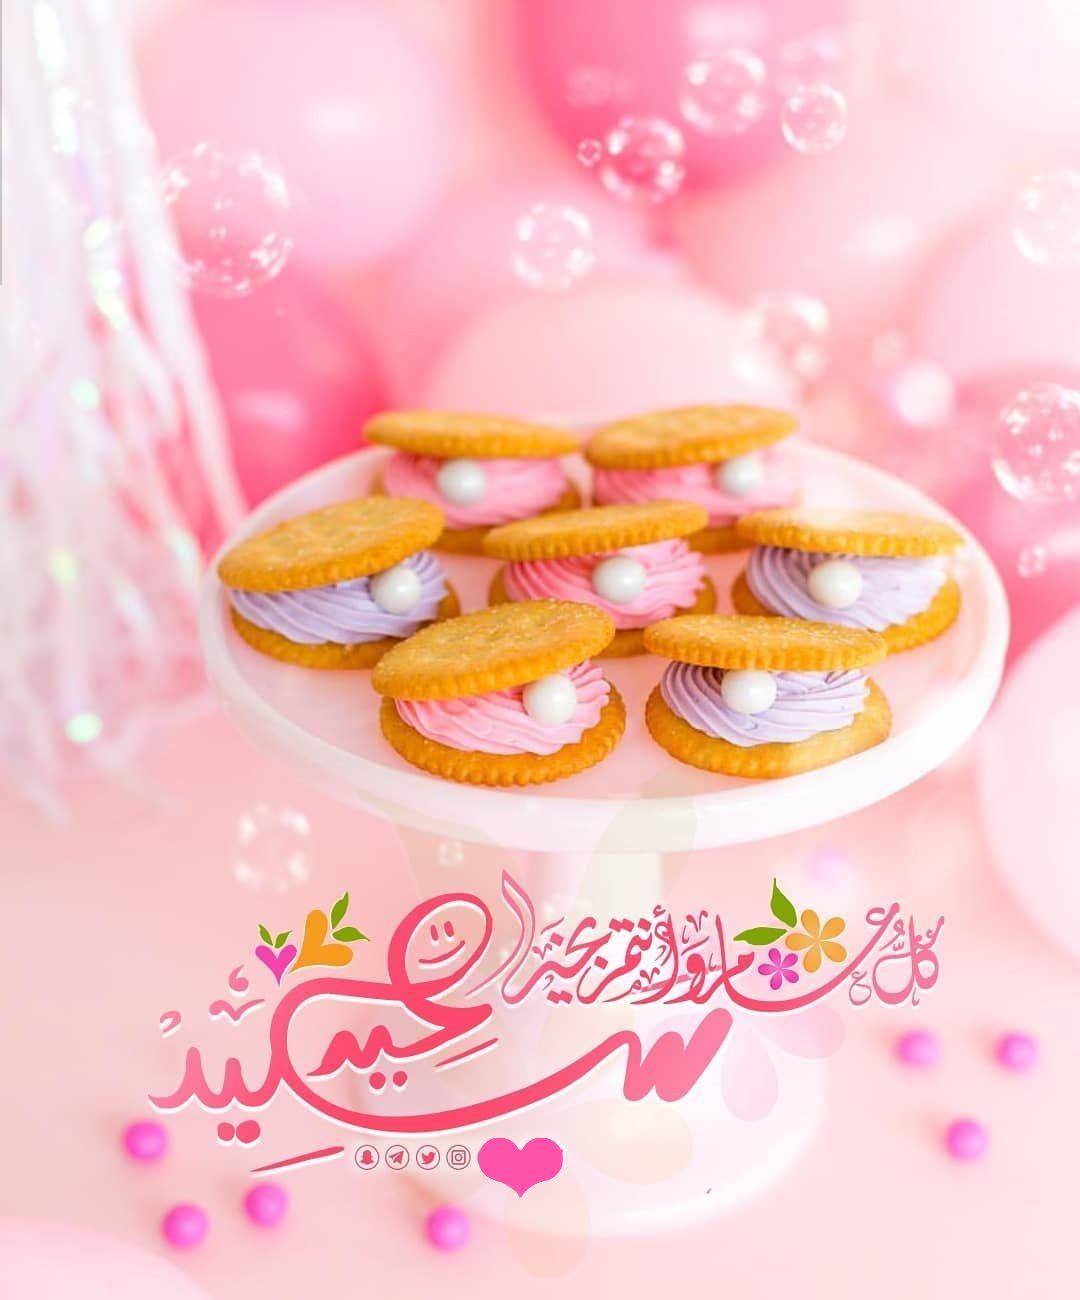 Pin By رغــــــد On عـيـد سعـيــد Eid Greetings Happy Eid Eid Mubarak